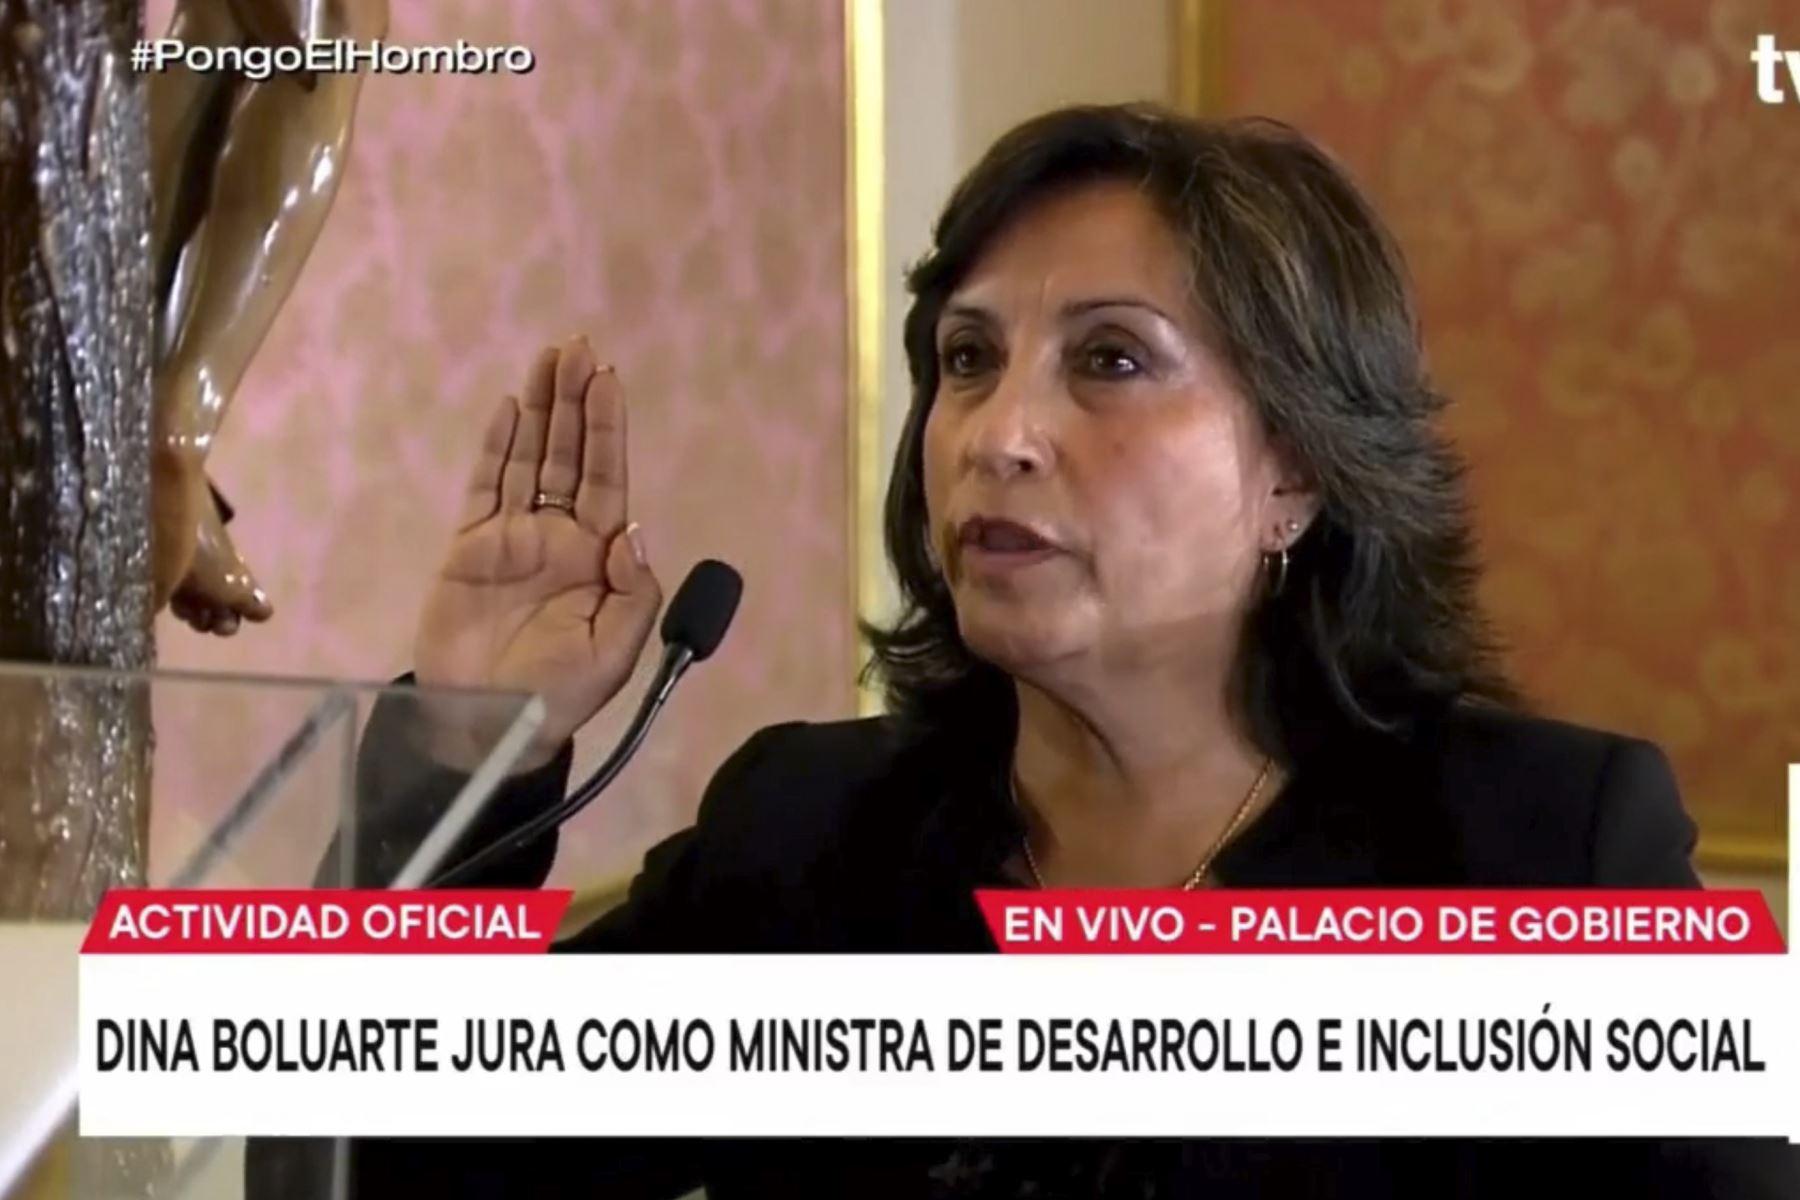 Dina Boluarte es ratificada en el Ministerio de Desarrollo e Inclusión Social